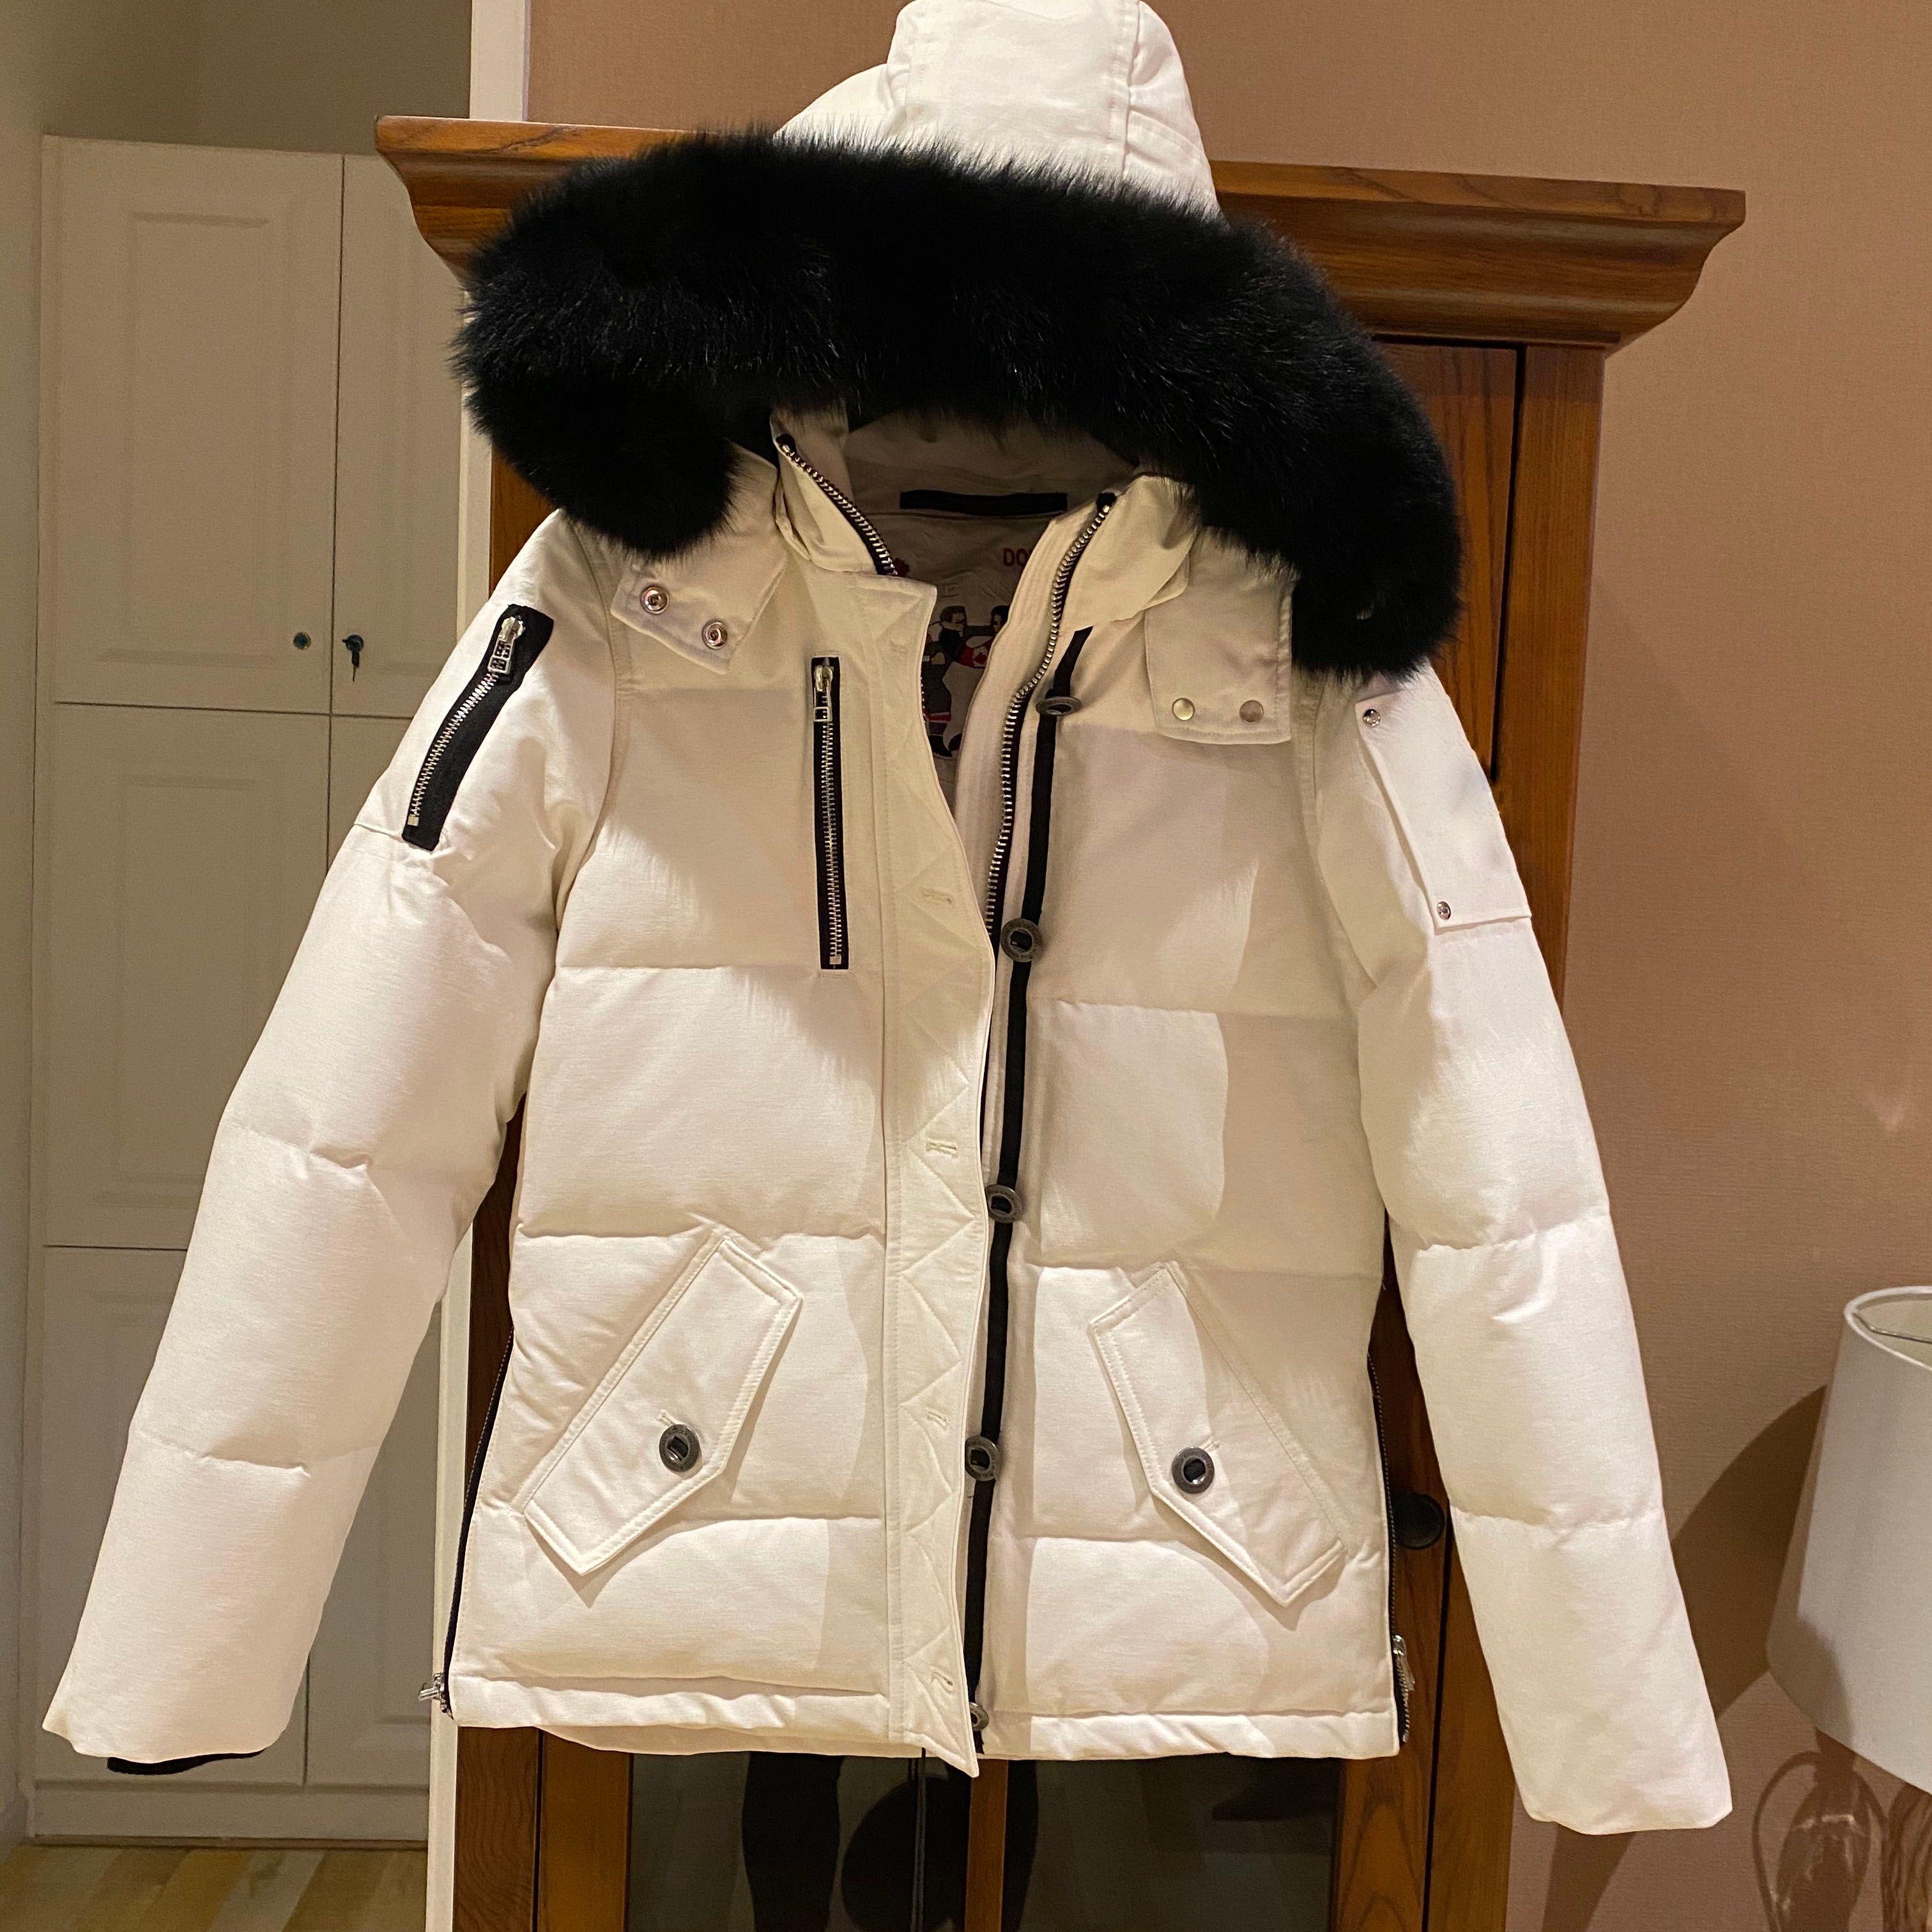 Giacca da uomo in inverno Giacca down Giacca a vento a vento spessa calda con cappuccio moda mens cappotti invernali di alta qualità Bianco Anatra Pulffer Giacche Topshop1588